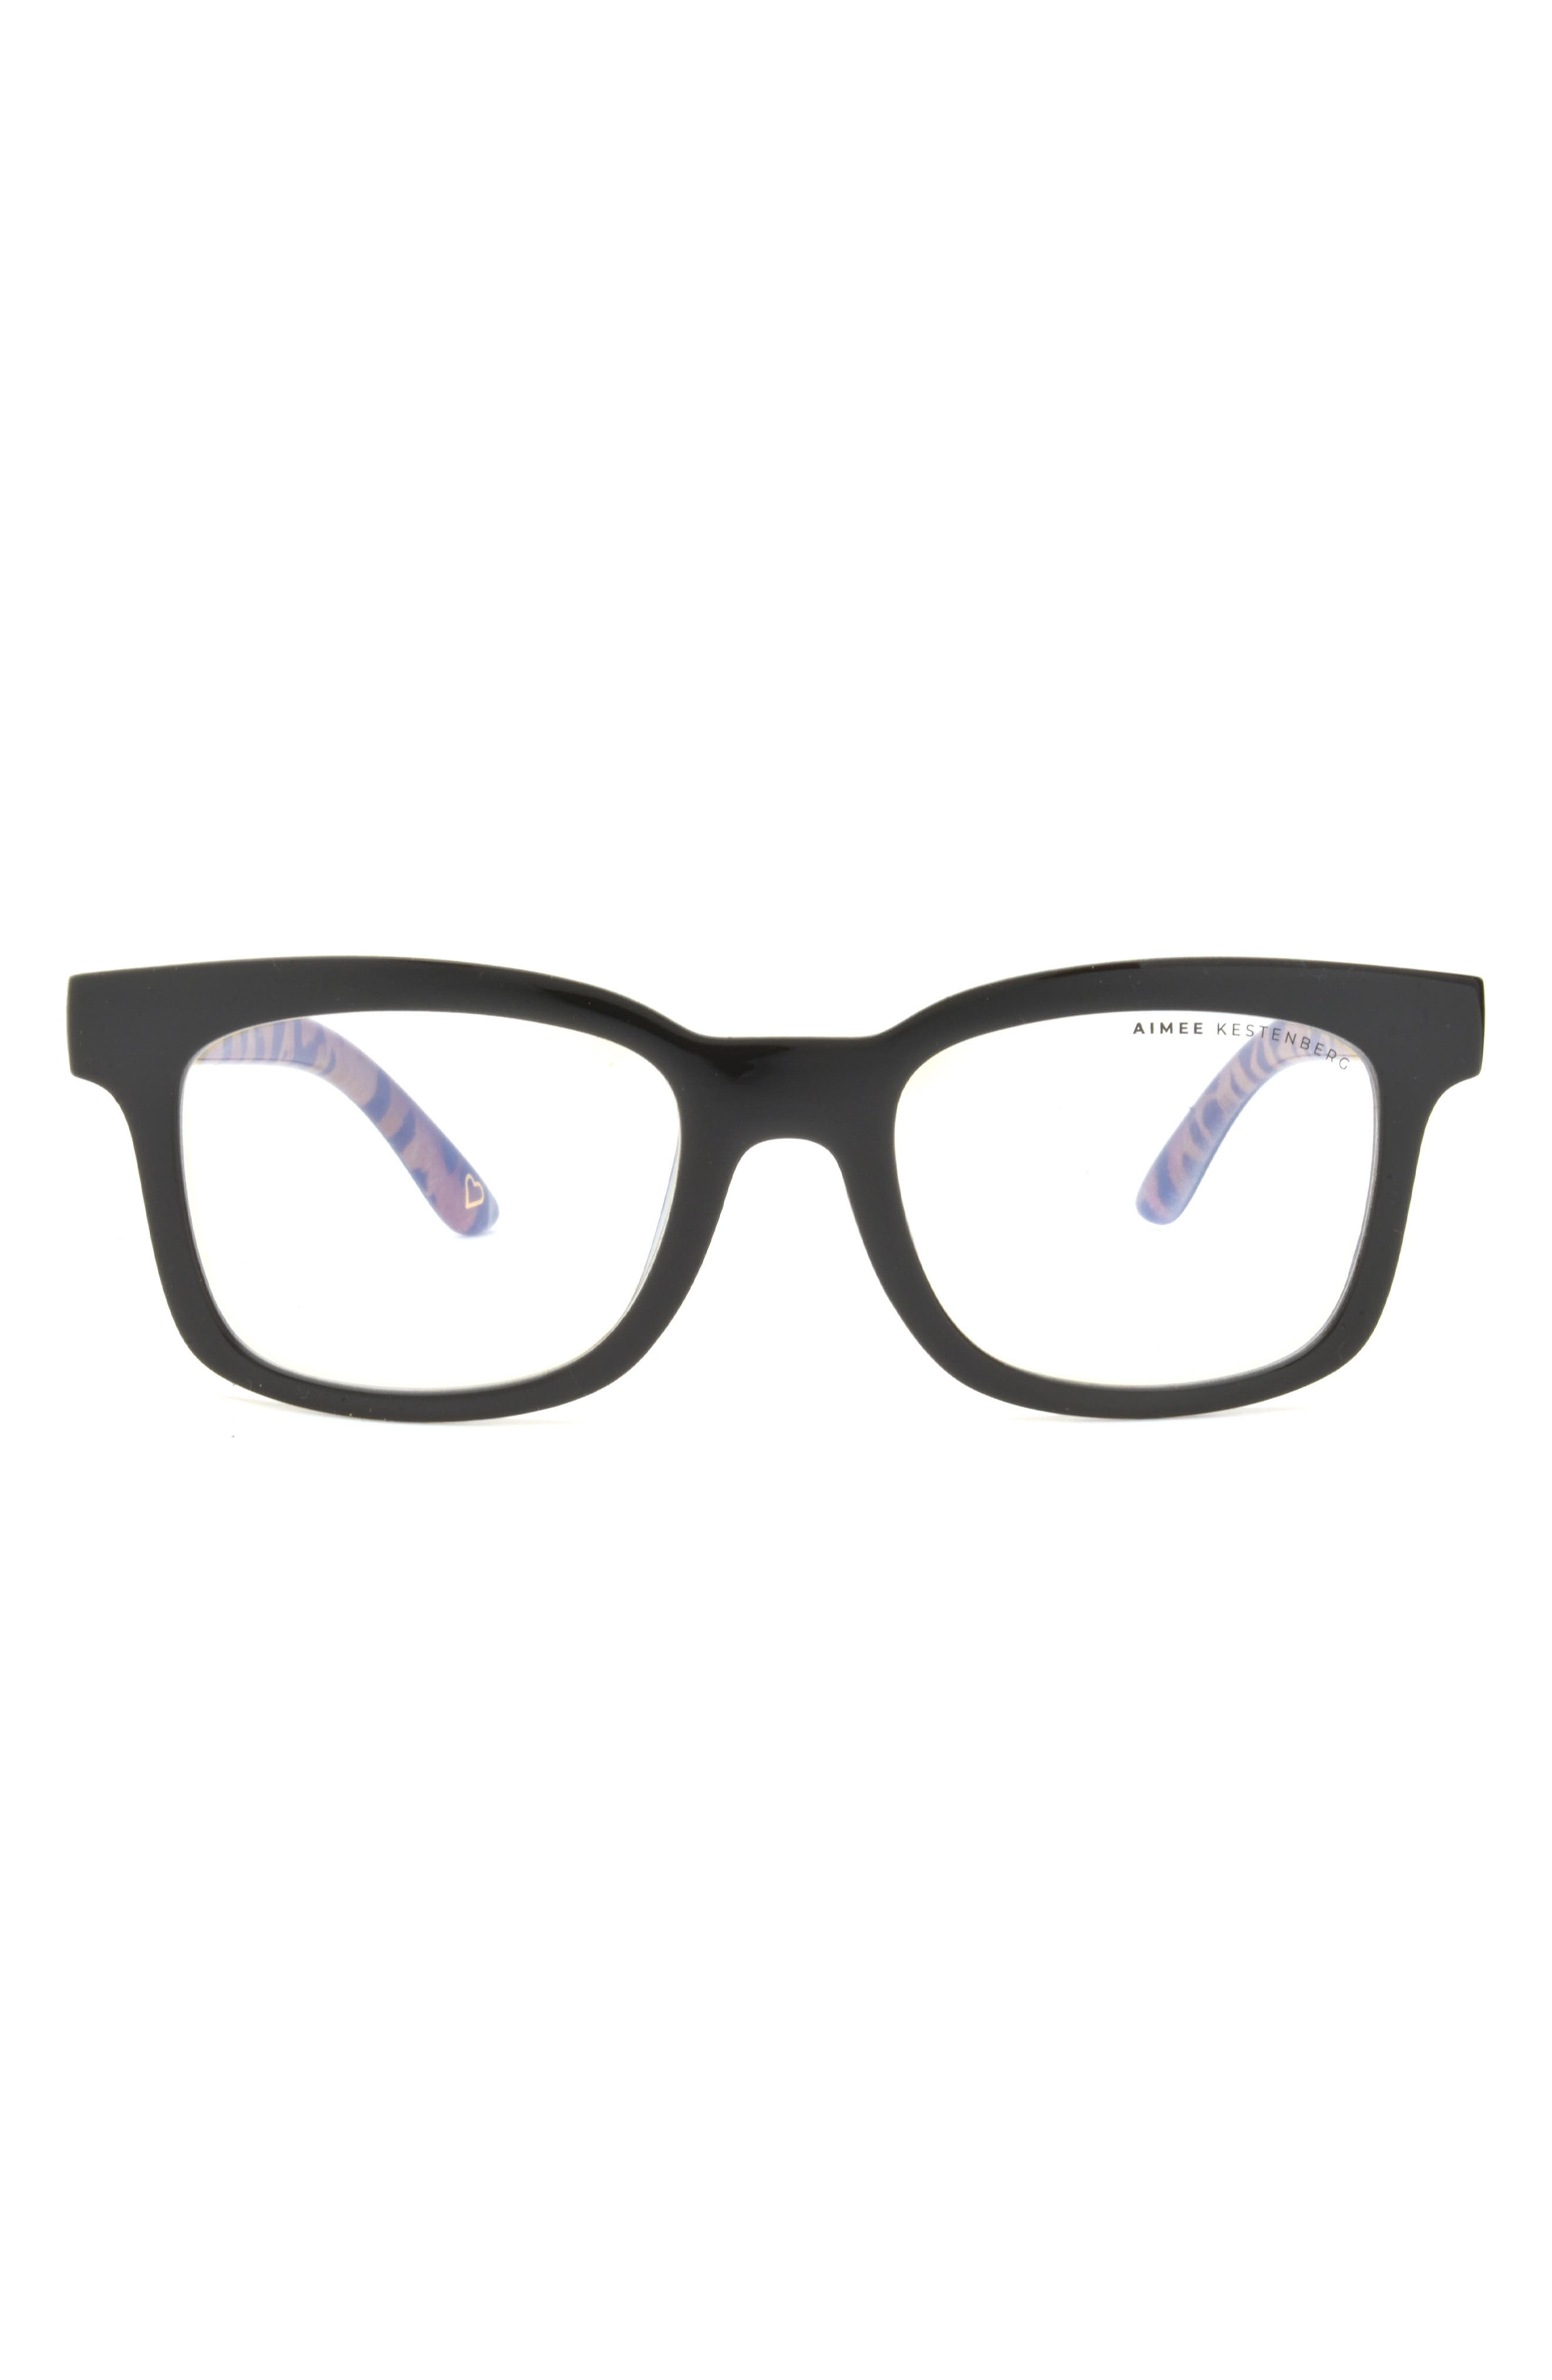 Bleeker 50mm Rectangle Blue Light Blocking Glasses